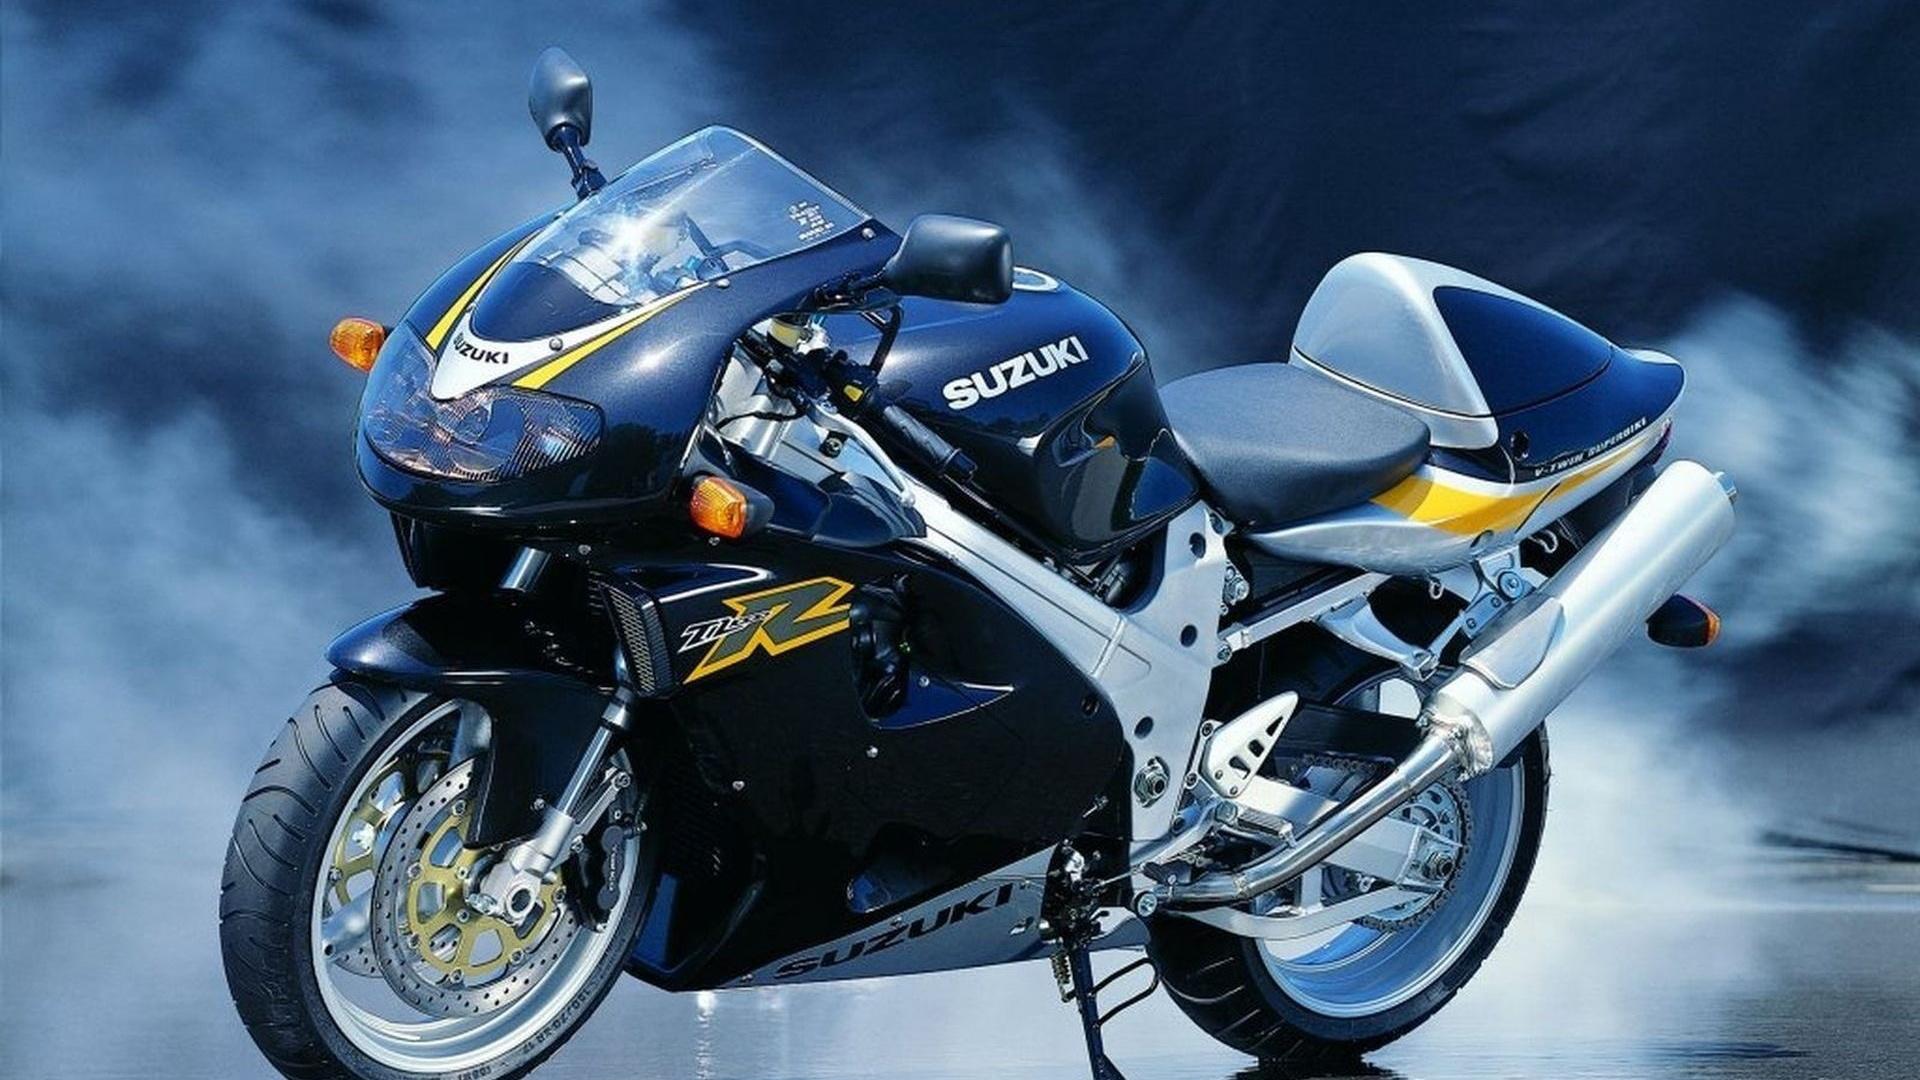 картинки на телефон обои мотоциклы сузуки цифровом